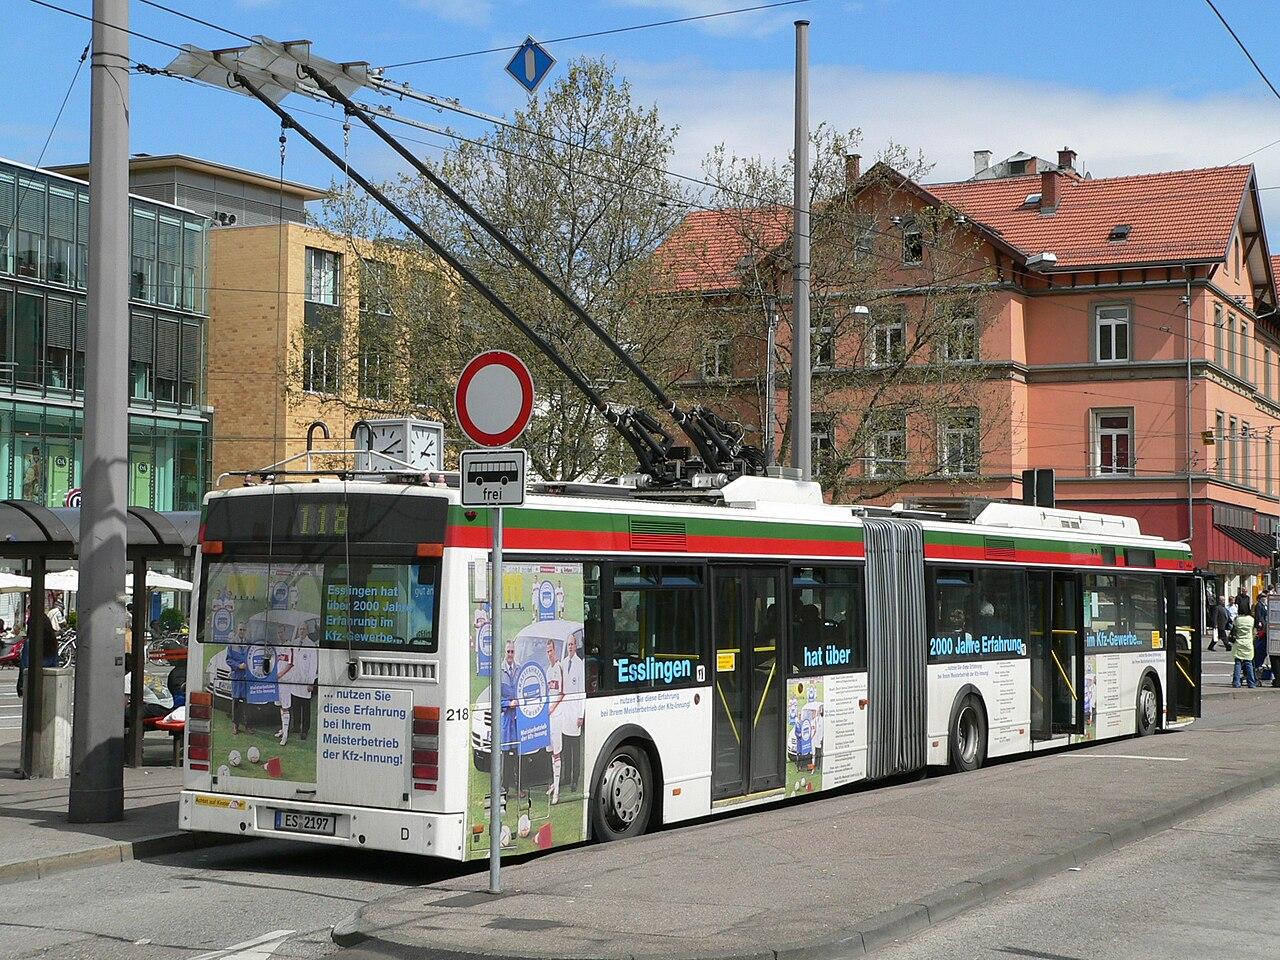 VanHoolEsslingenTrolleyBus P1010052.jpg